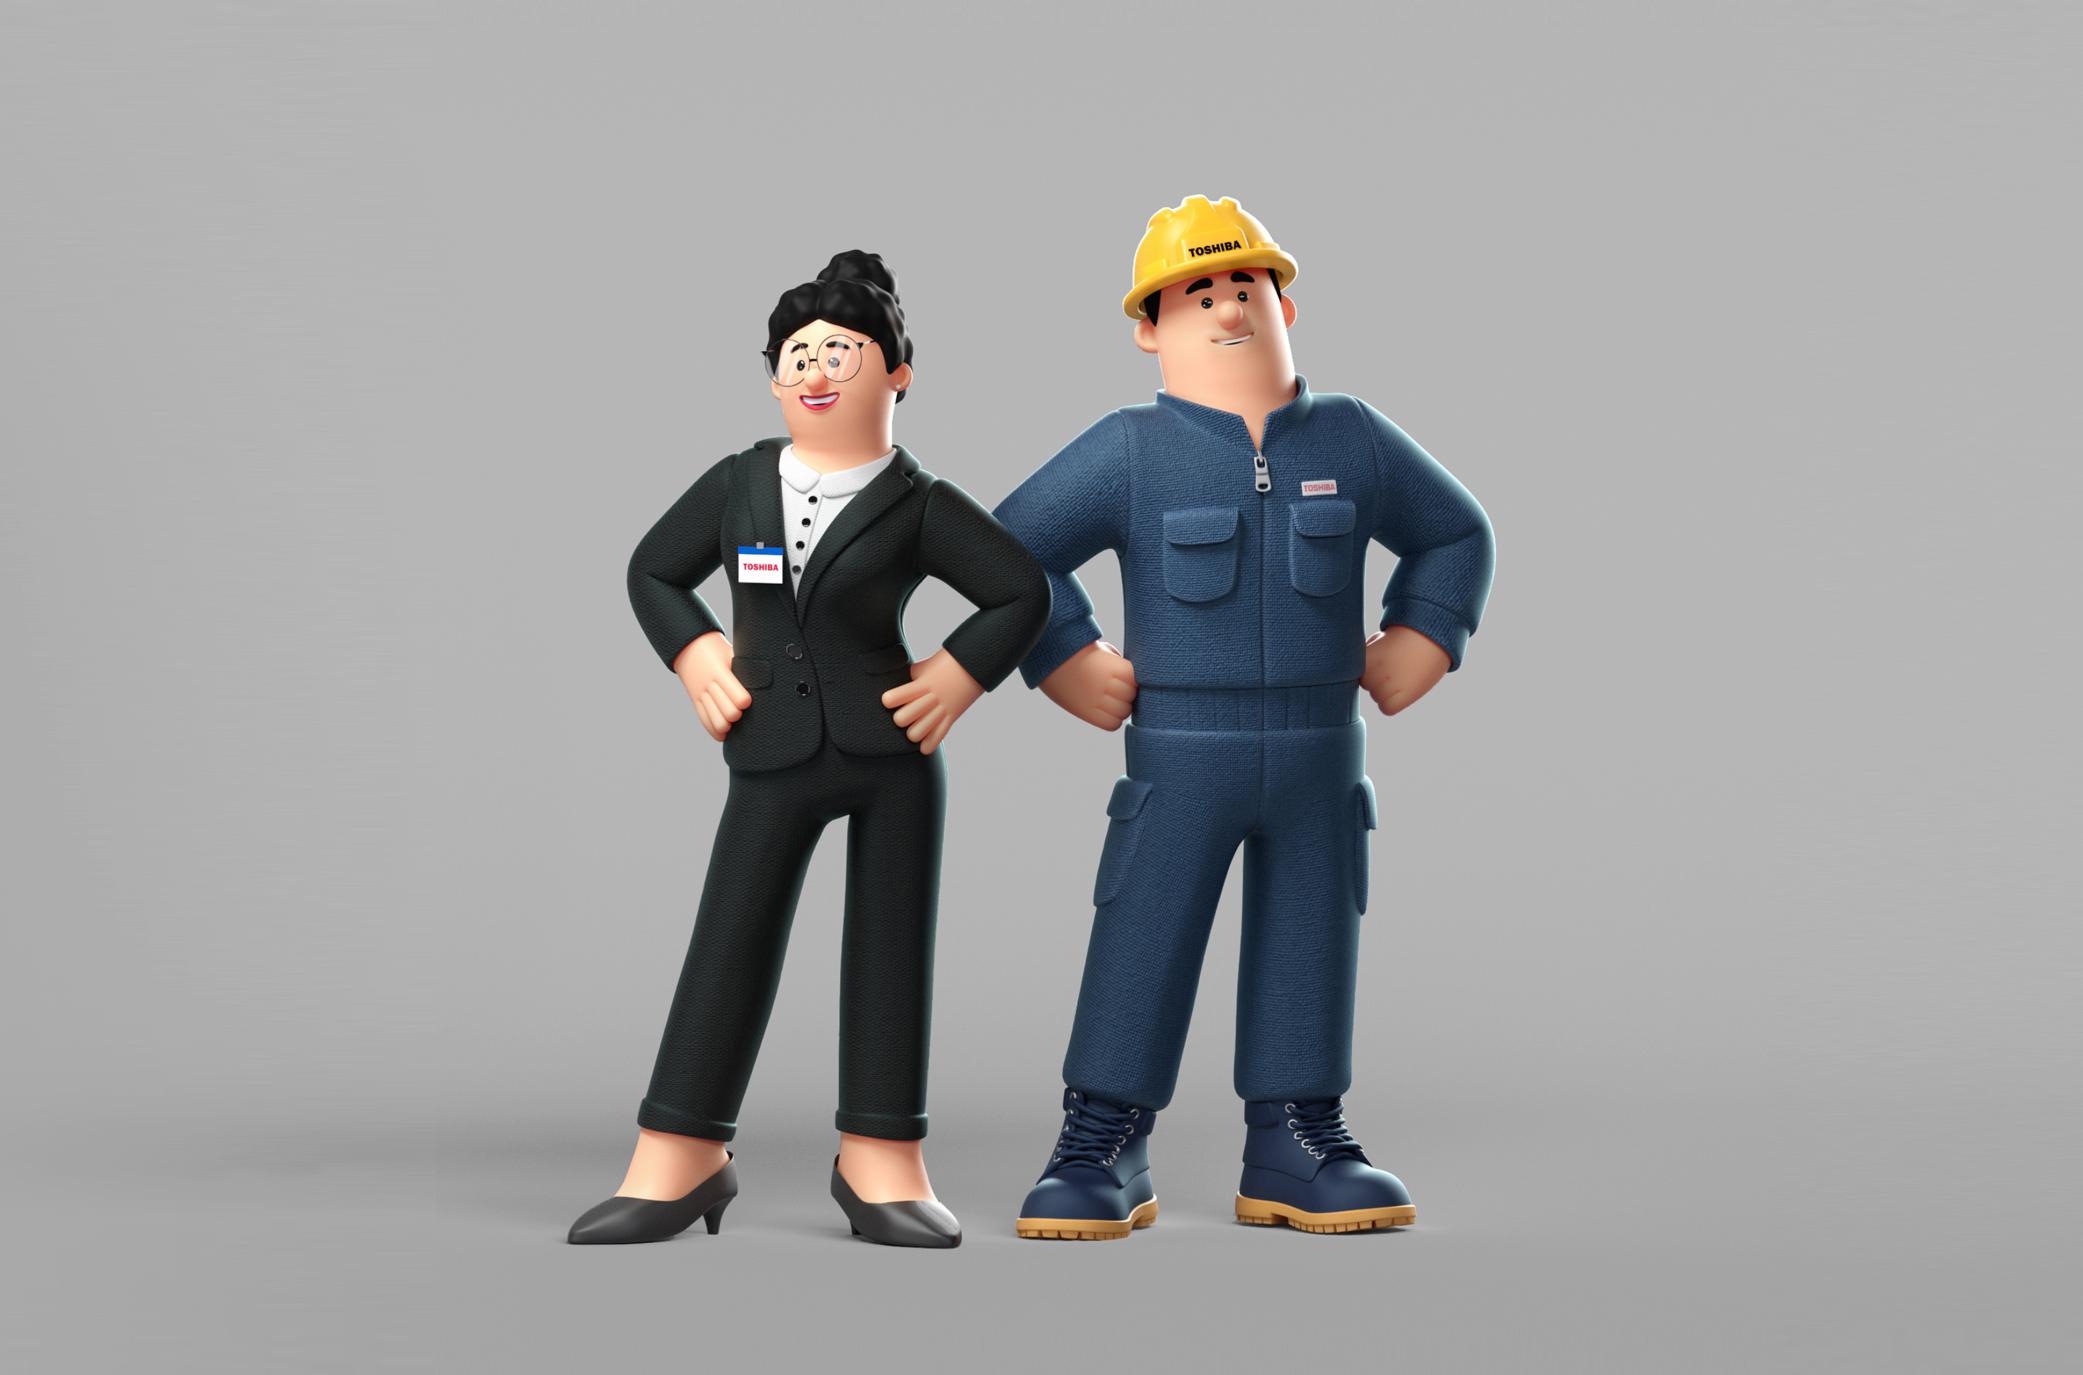 制作初期段階における、東芝従業員3Dアニメーションキャラクターのモックアップ